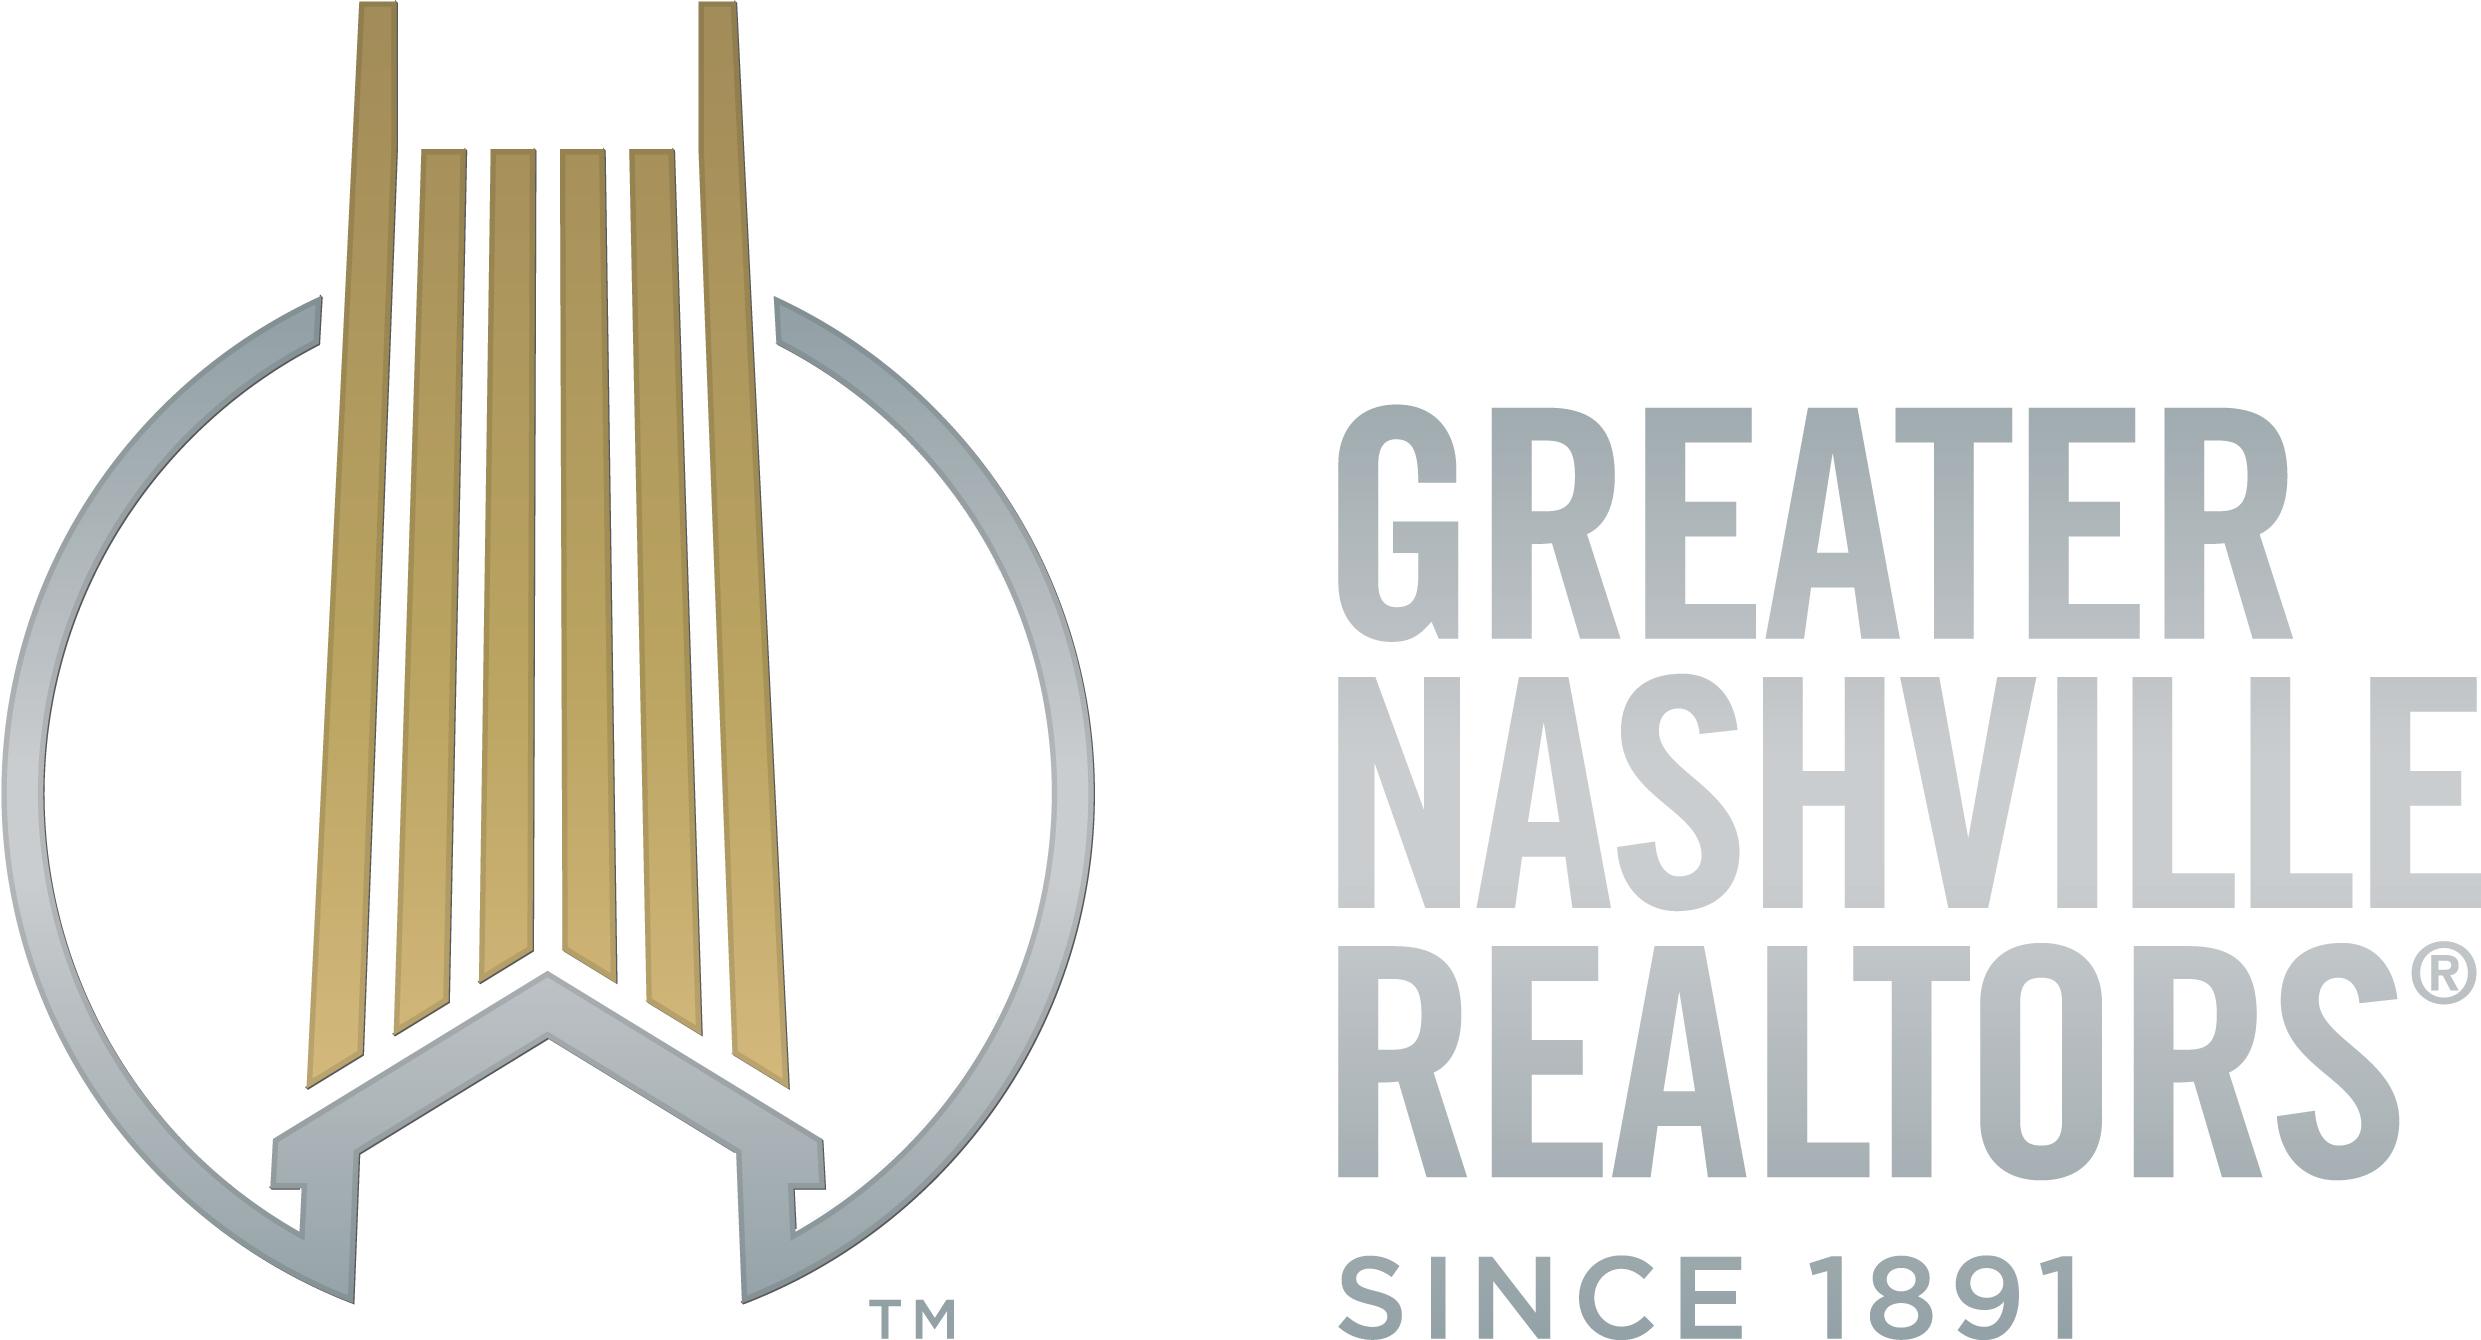 Greater Nashville Realtors Association